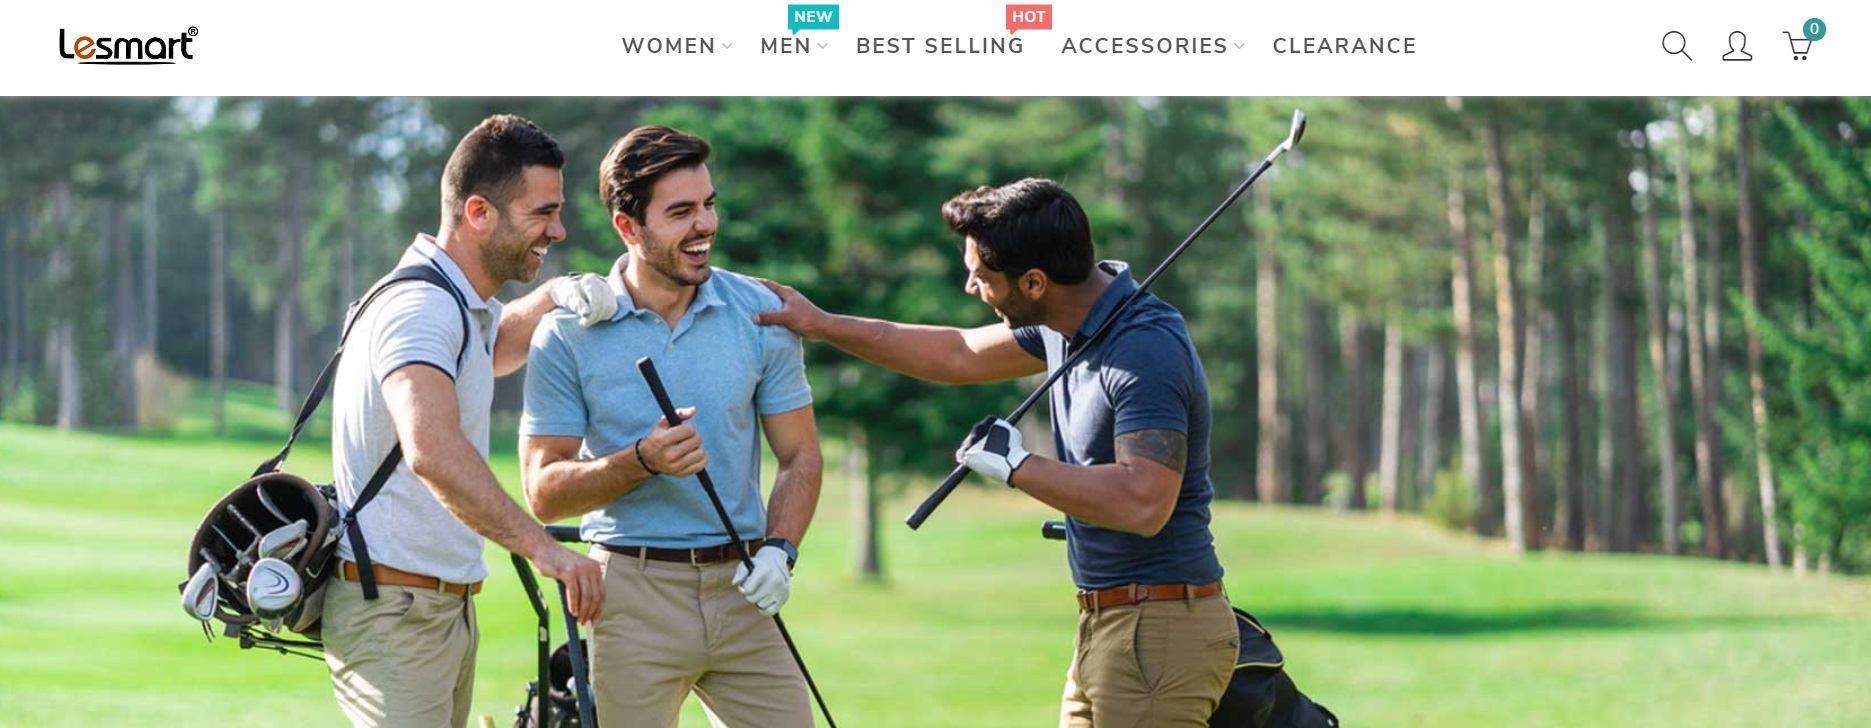 Lesmart Golfers